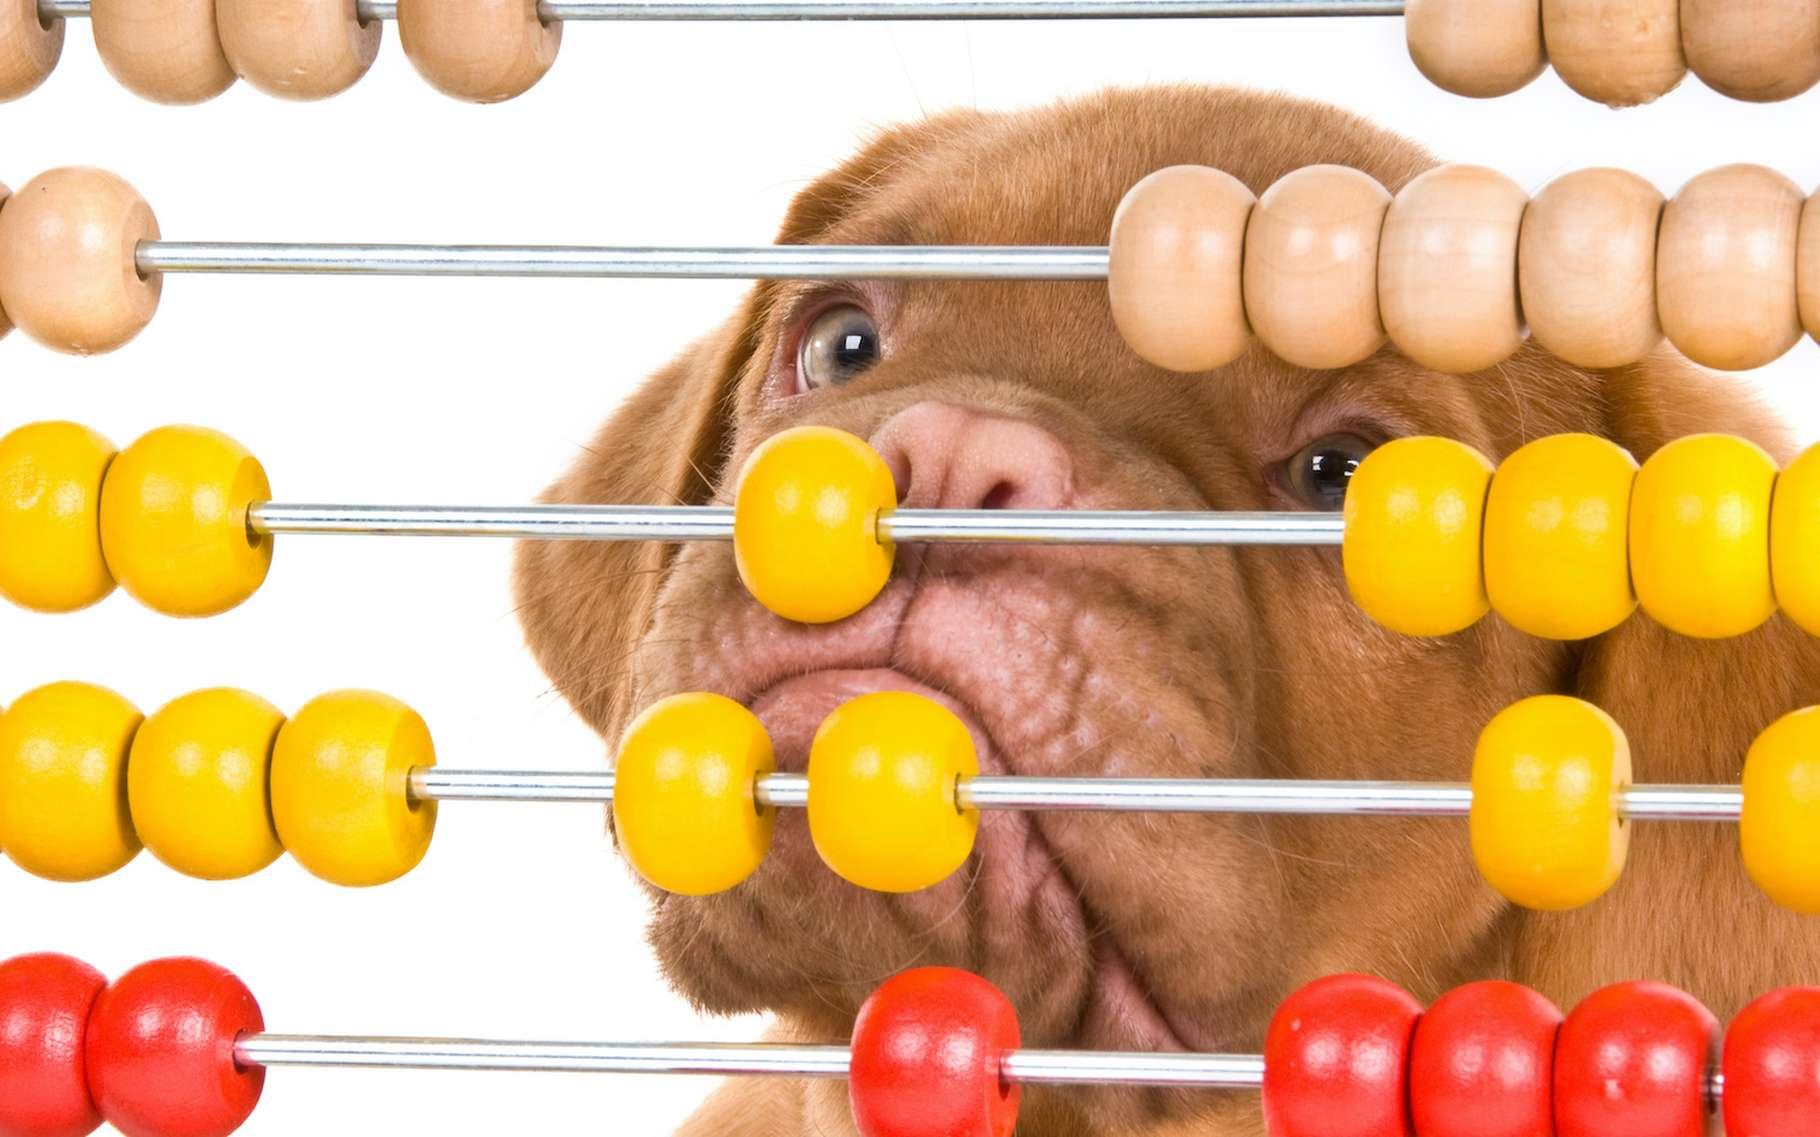 Les hommes et les chiens sont séparés par 80 millions d'années d'évolution. Ainsi, les chercheurs de l'université Emory (États-Unis) qui viennent de découvrir chez les chiens, une sensibilité aux nombres, montrent que celle-ci résulte d'un mécanisme neuronal partagé qui remonte au moins aussi loin. © VitalyTitov, Adobe Stock